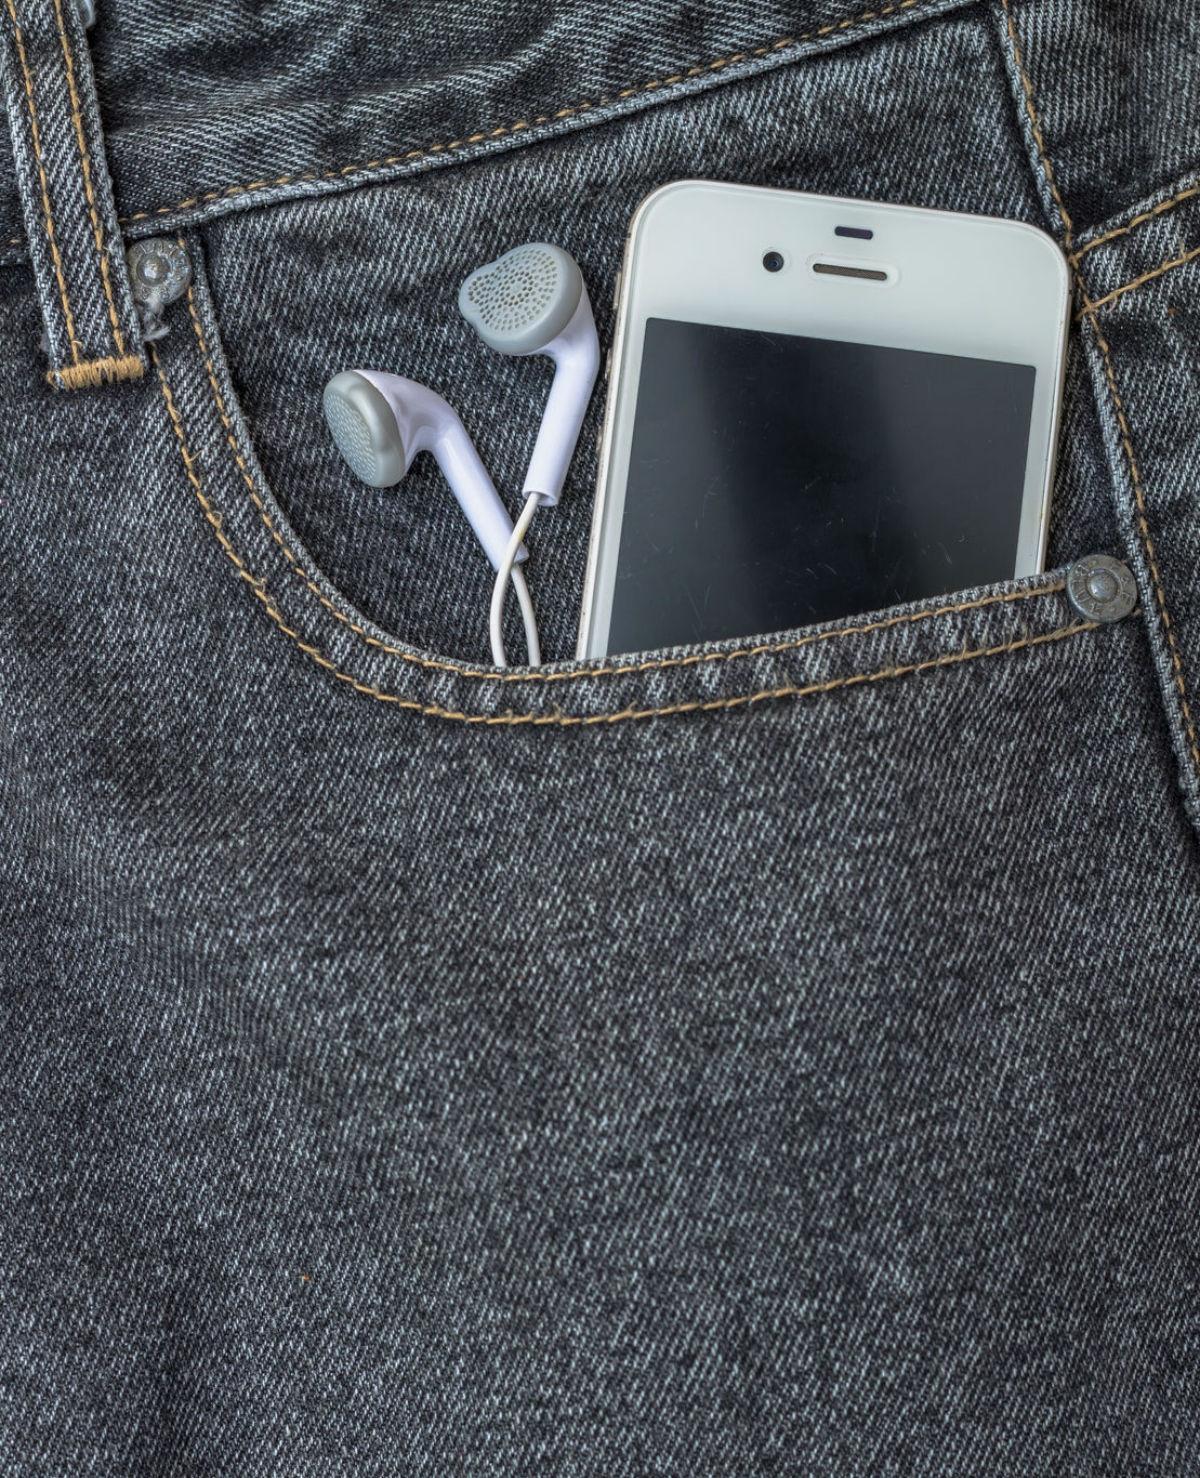 VIDEO: Waarom heb jij soms het gevoel dat je telefoon trilt – zonder dat je een bericht krijgt?